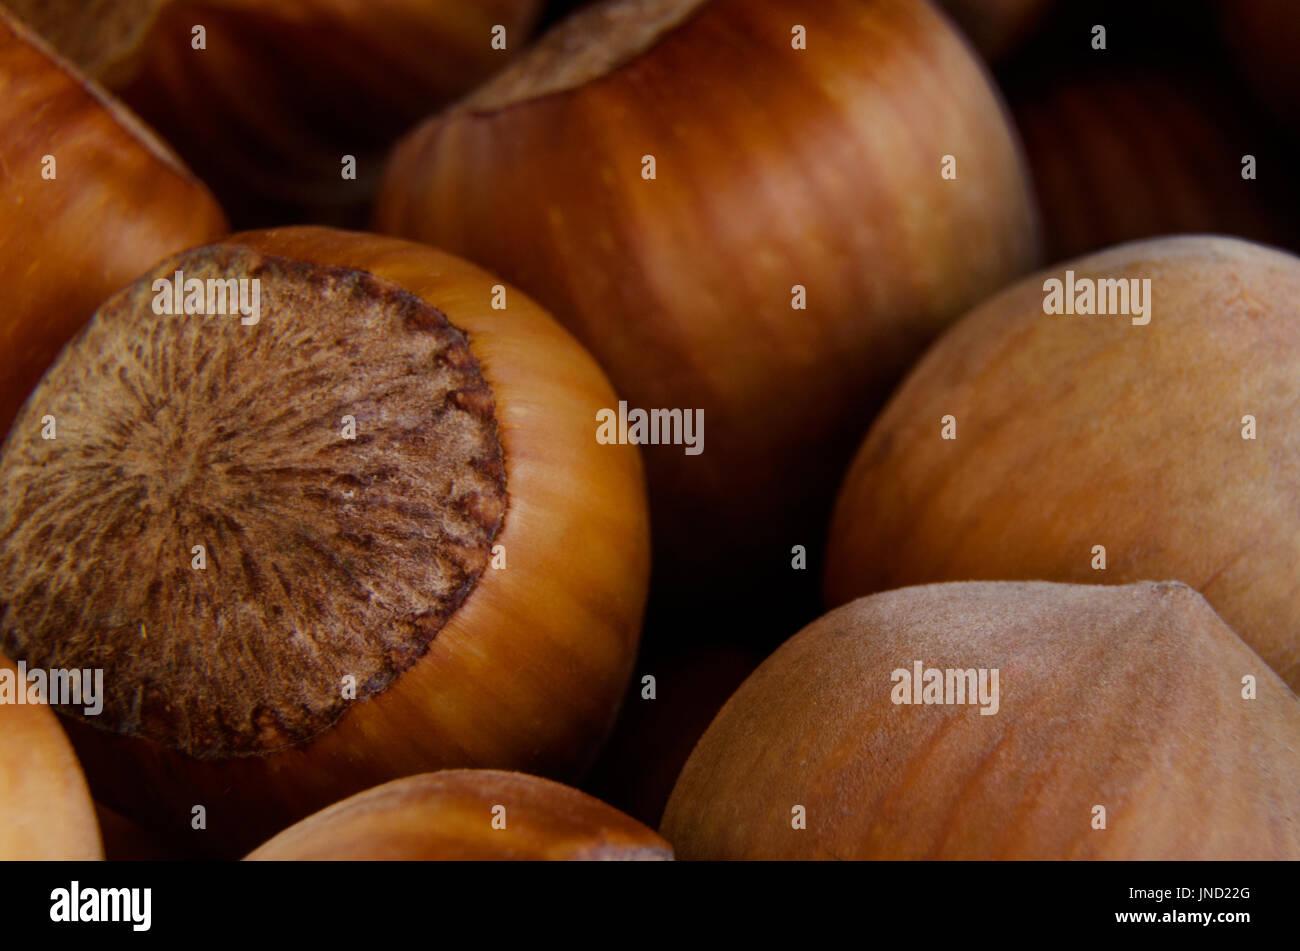 Fotografía macro de avellana montón; centrarse en la parte más cercana Imagen De Stock